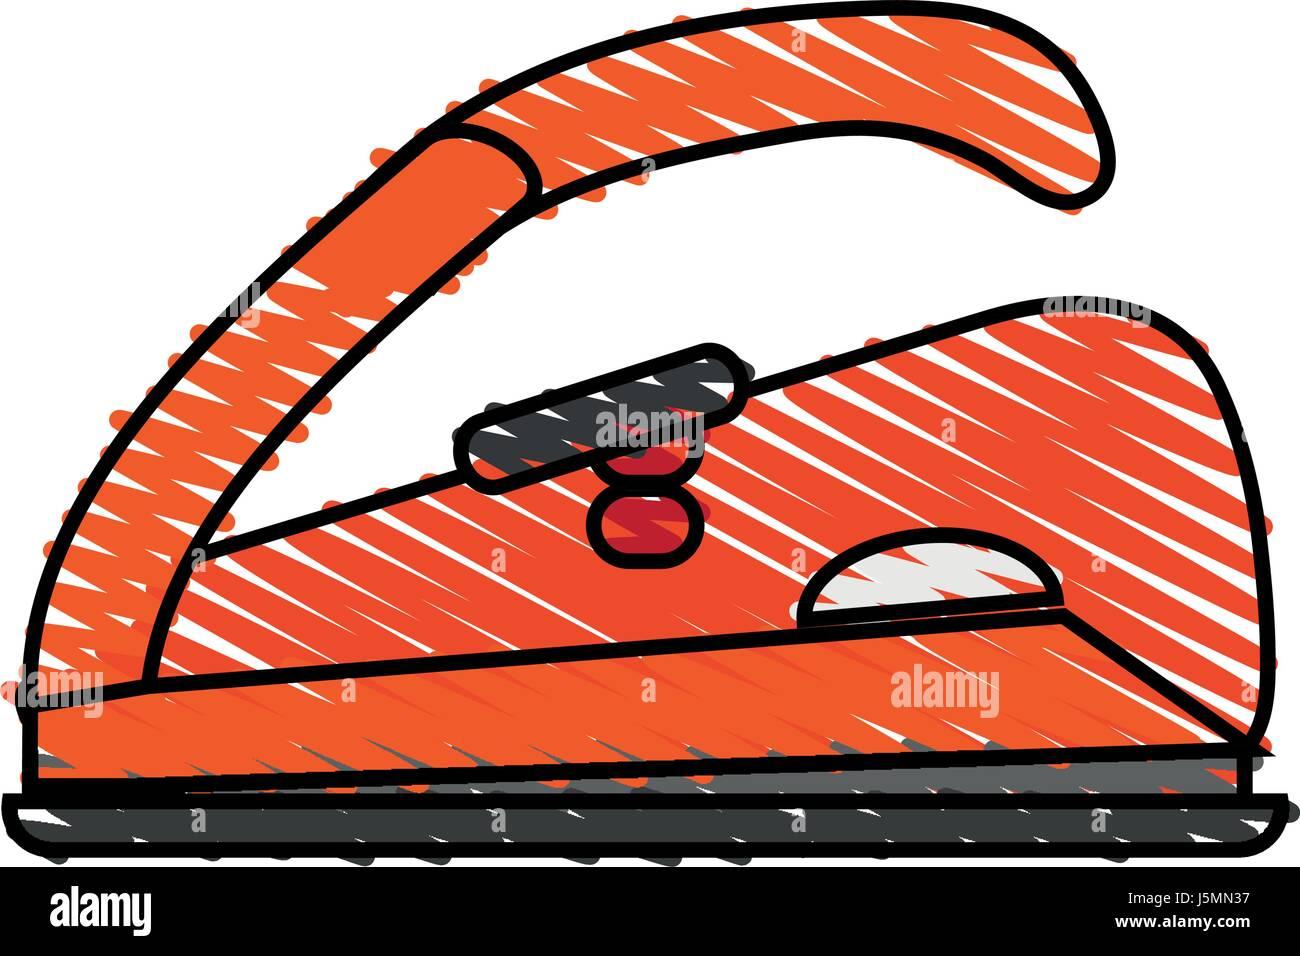 Cartoon Clothes Iron ~ Clothes iron stock photos images alamy